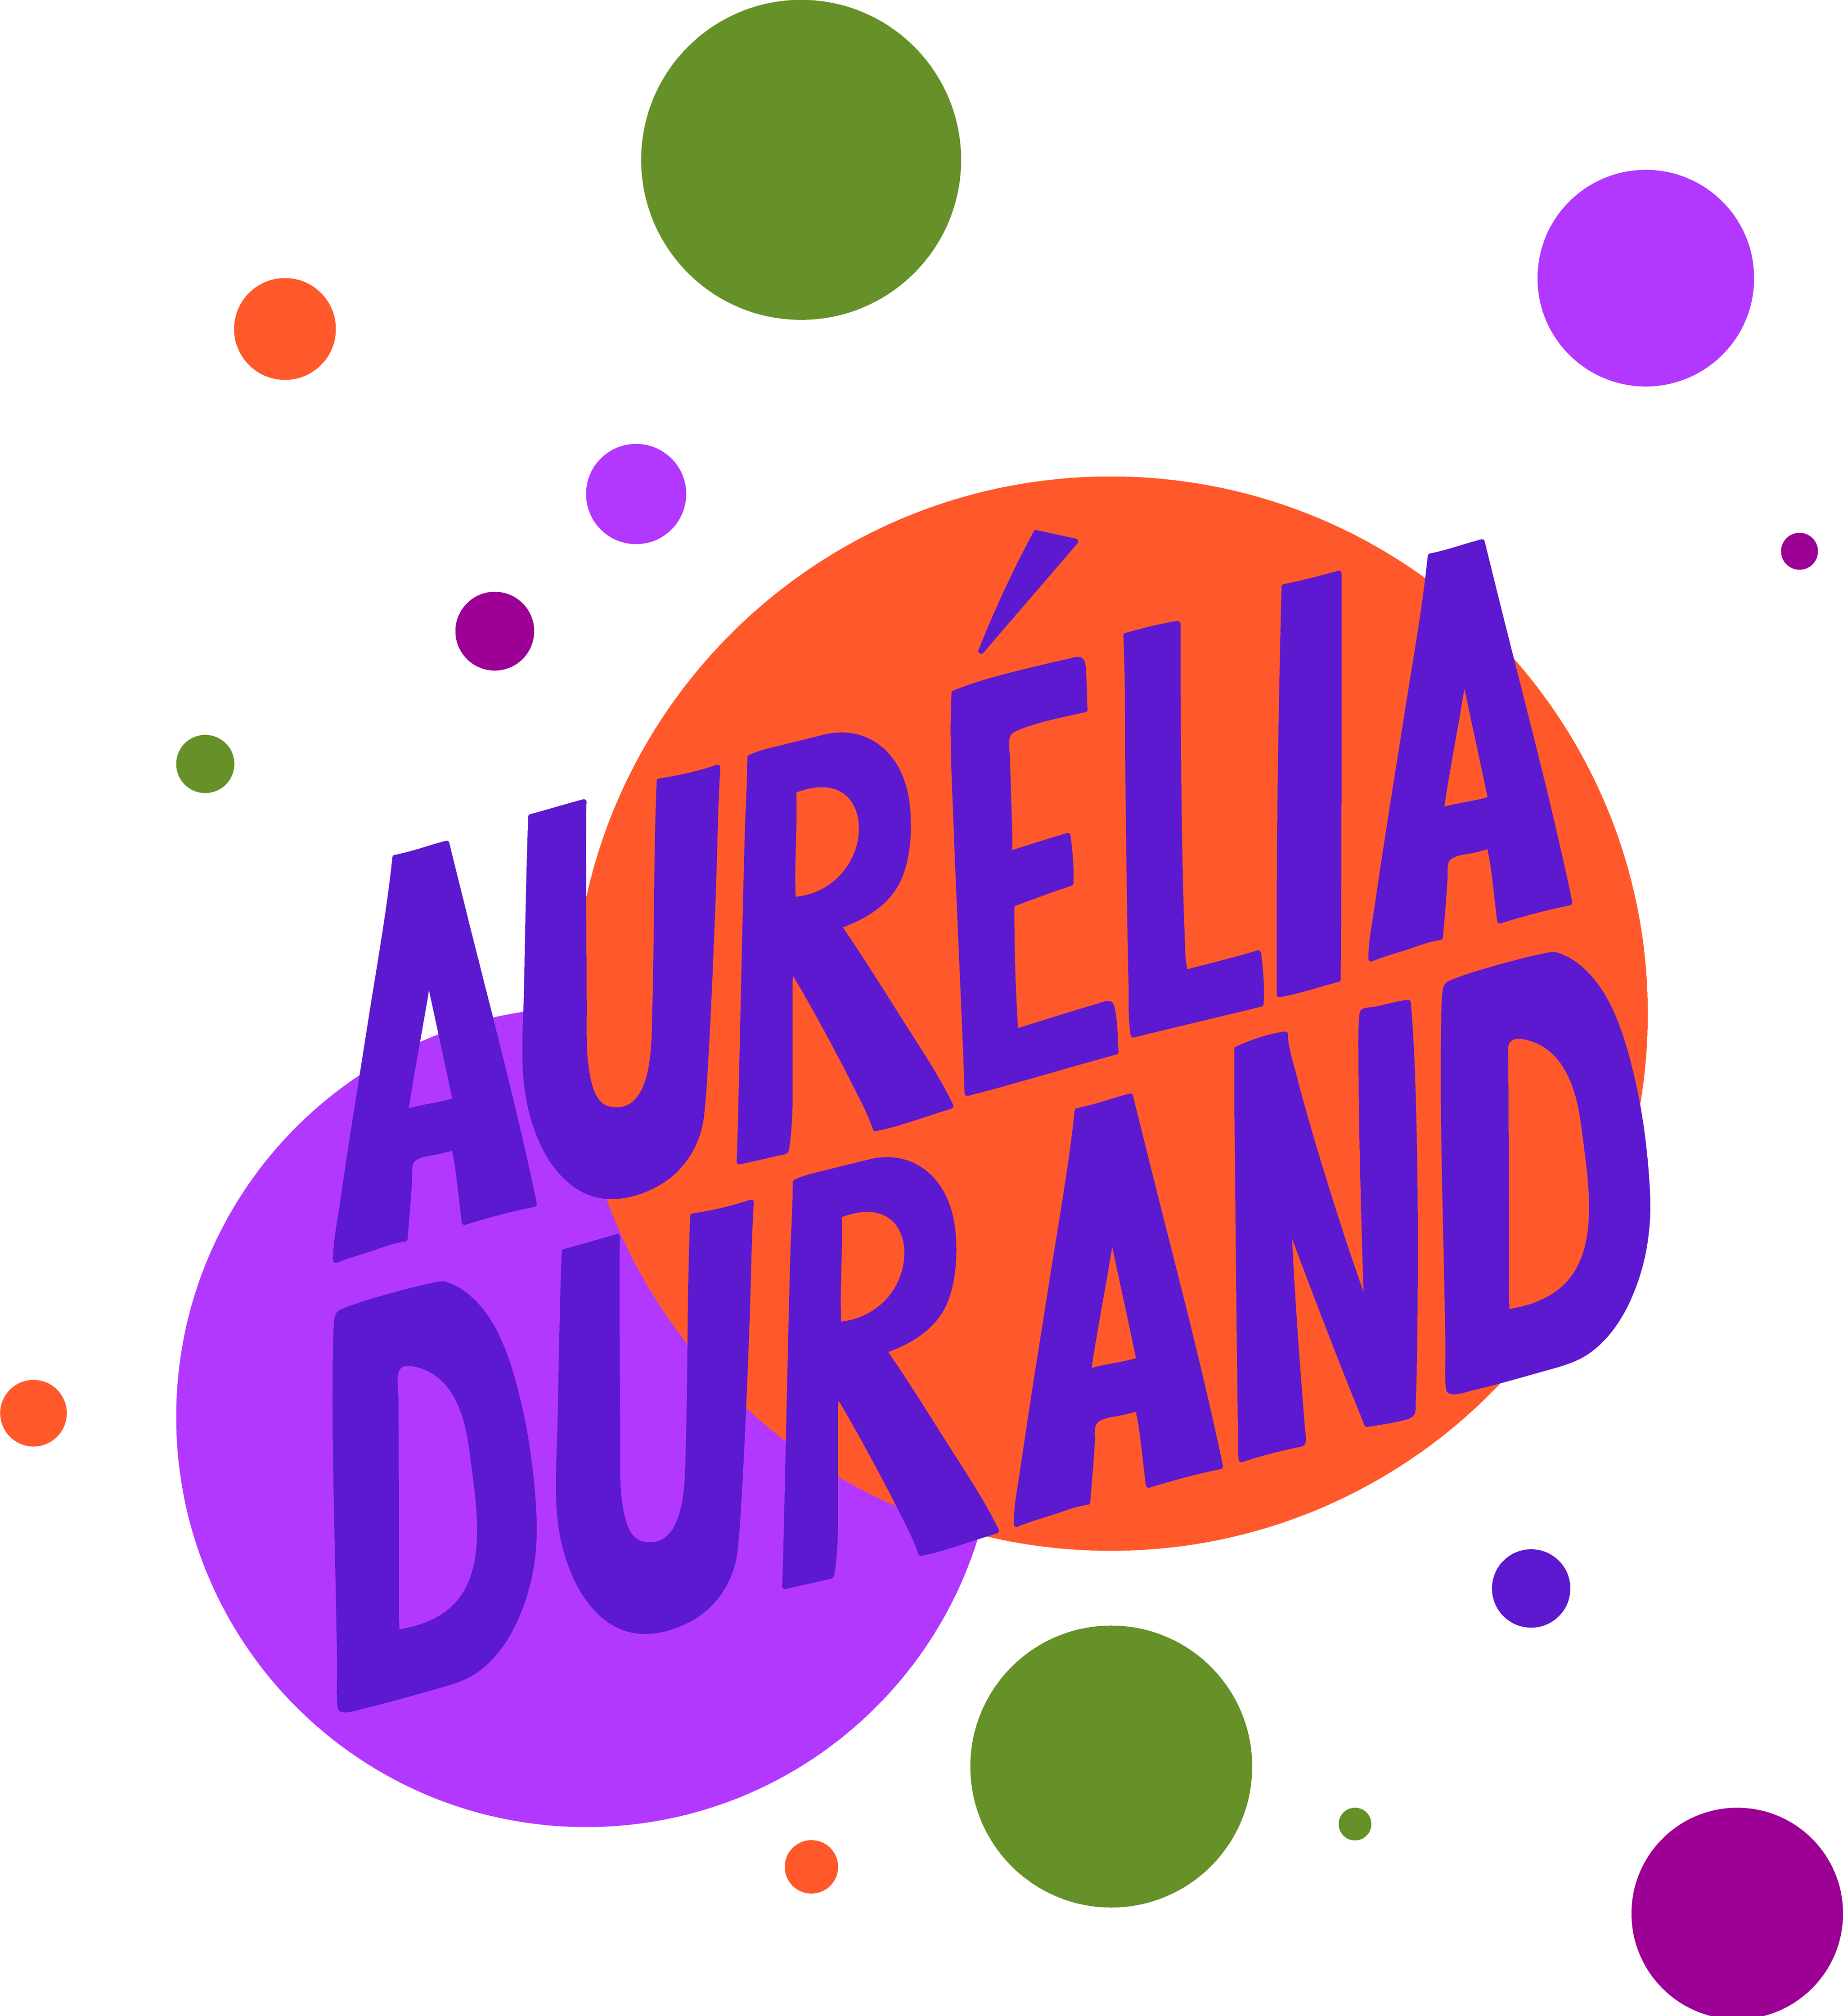 aurelia durand